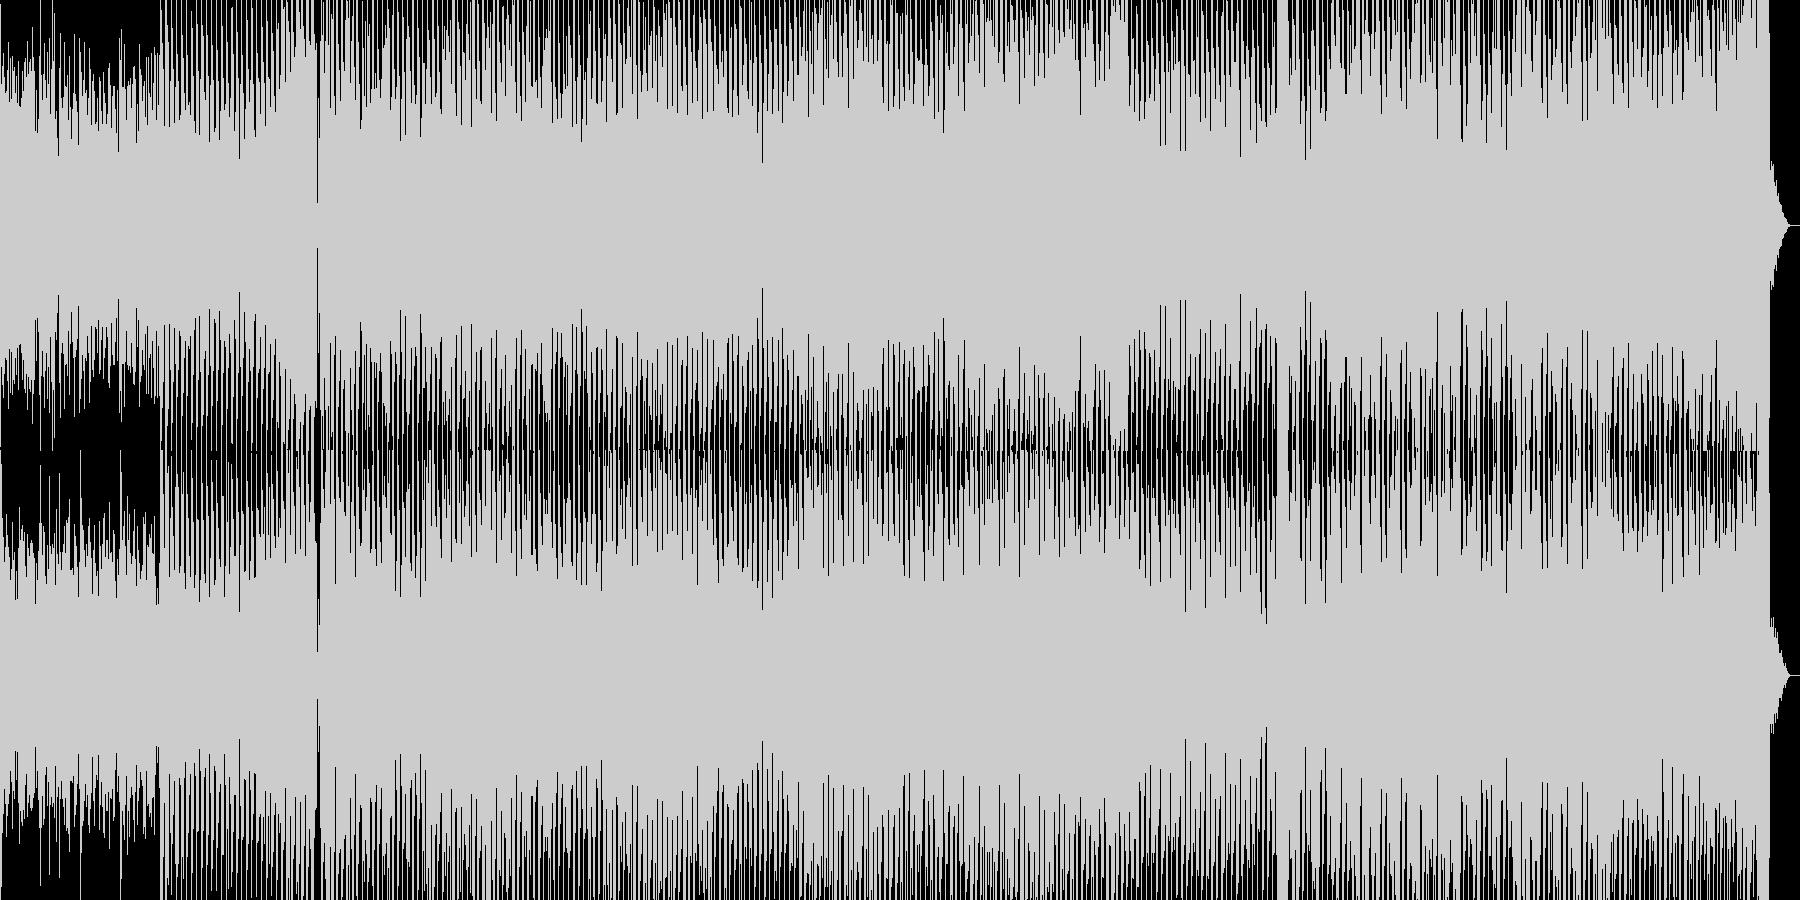 ミニマリズムがかっこいいテクノ曲の未再生の波形